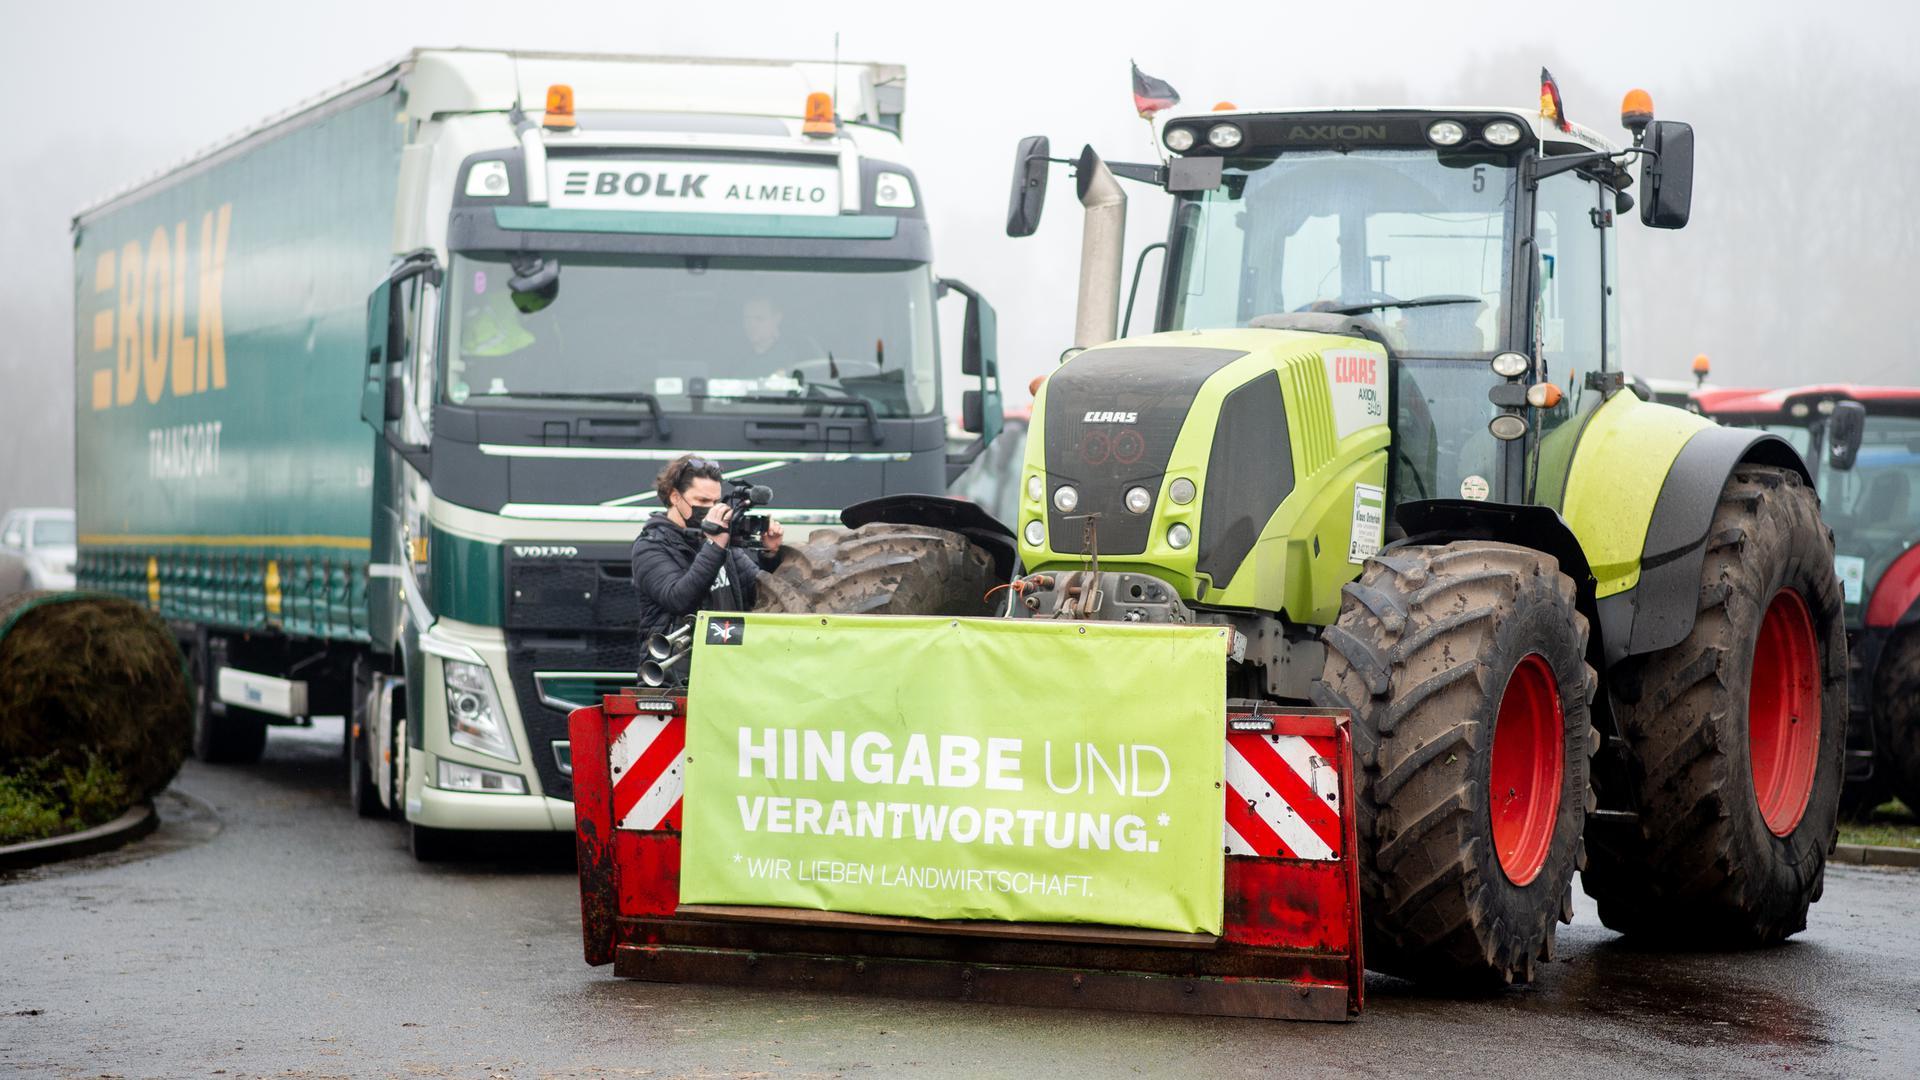 """Ein Traktor, an dem ein Transparent mit der Aufschrift """"Hingabe und Verantwortung"""" befestigt ist, blockiert die Zufahrt zum Zentrallager von Lidl."""